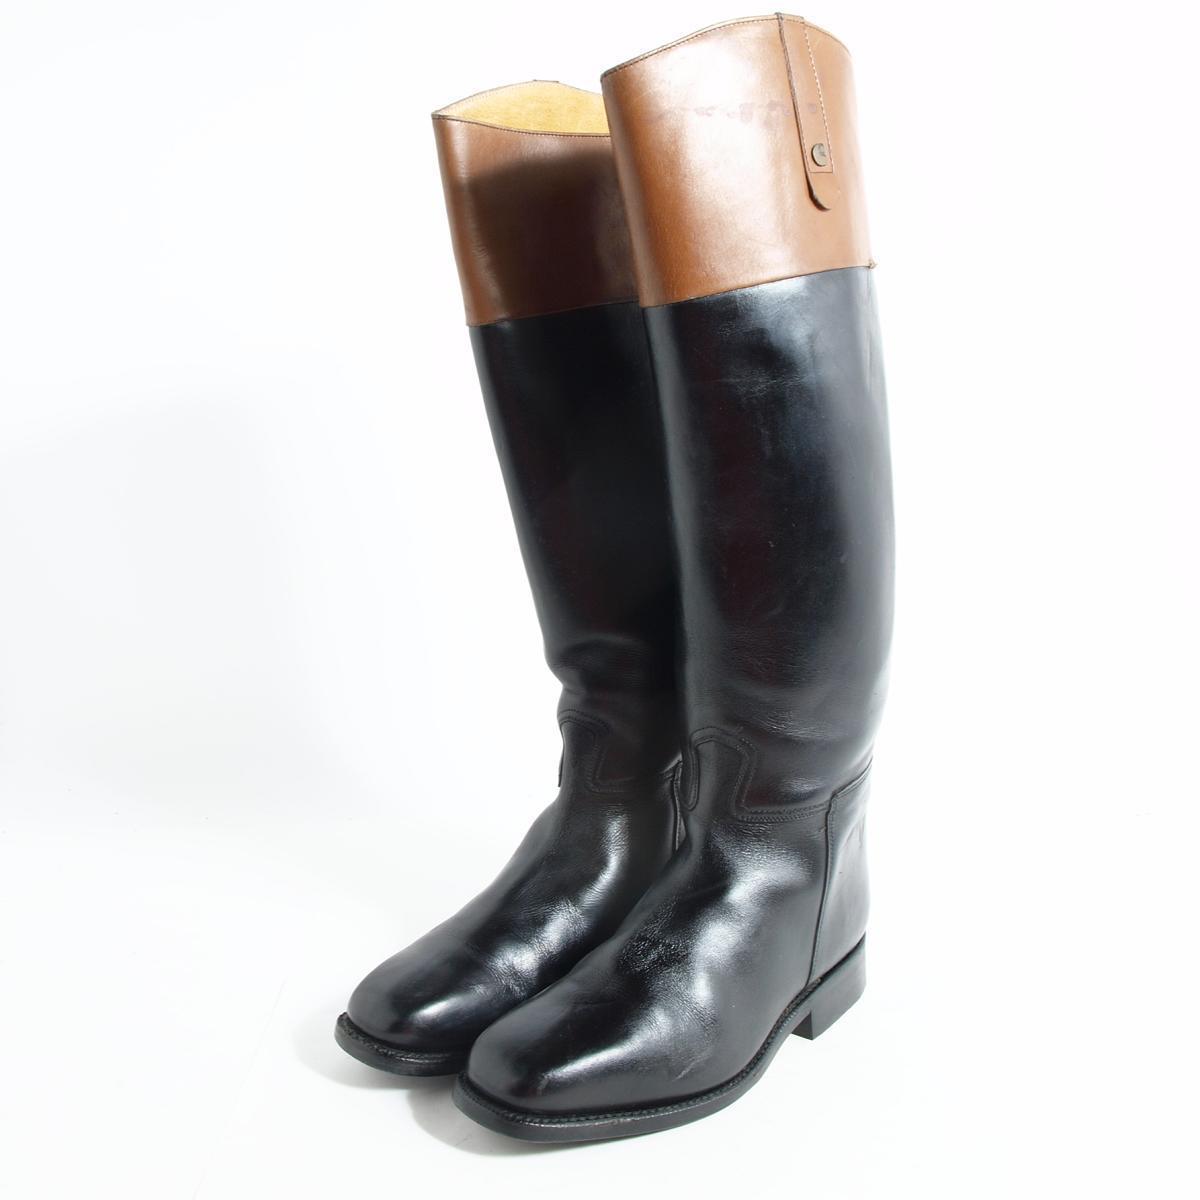 カバロ ジョッキー乗馬ブーツ 5 レディース23.0cm Cavallo /boj9972 【中古】【古着屋JAM】 【161026】【SS1903】